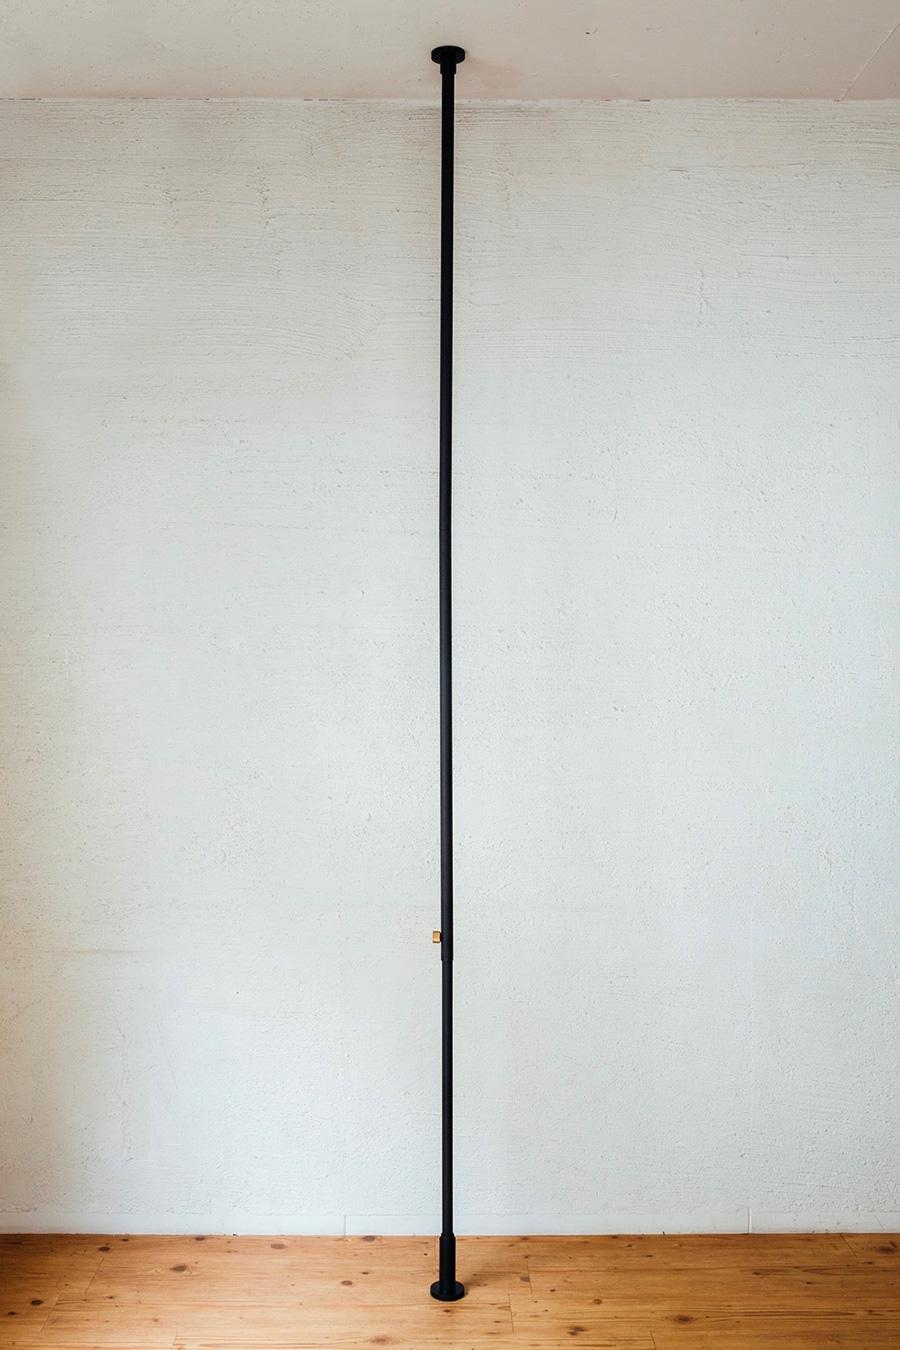 縦方向に突っ張り棒を設置するという斬新なアイデア。 縦方向専用テンションロッド (200~275cm) ¥5,500